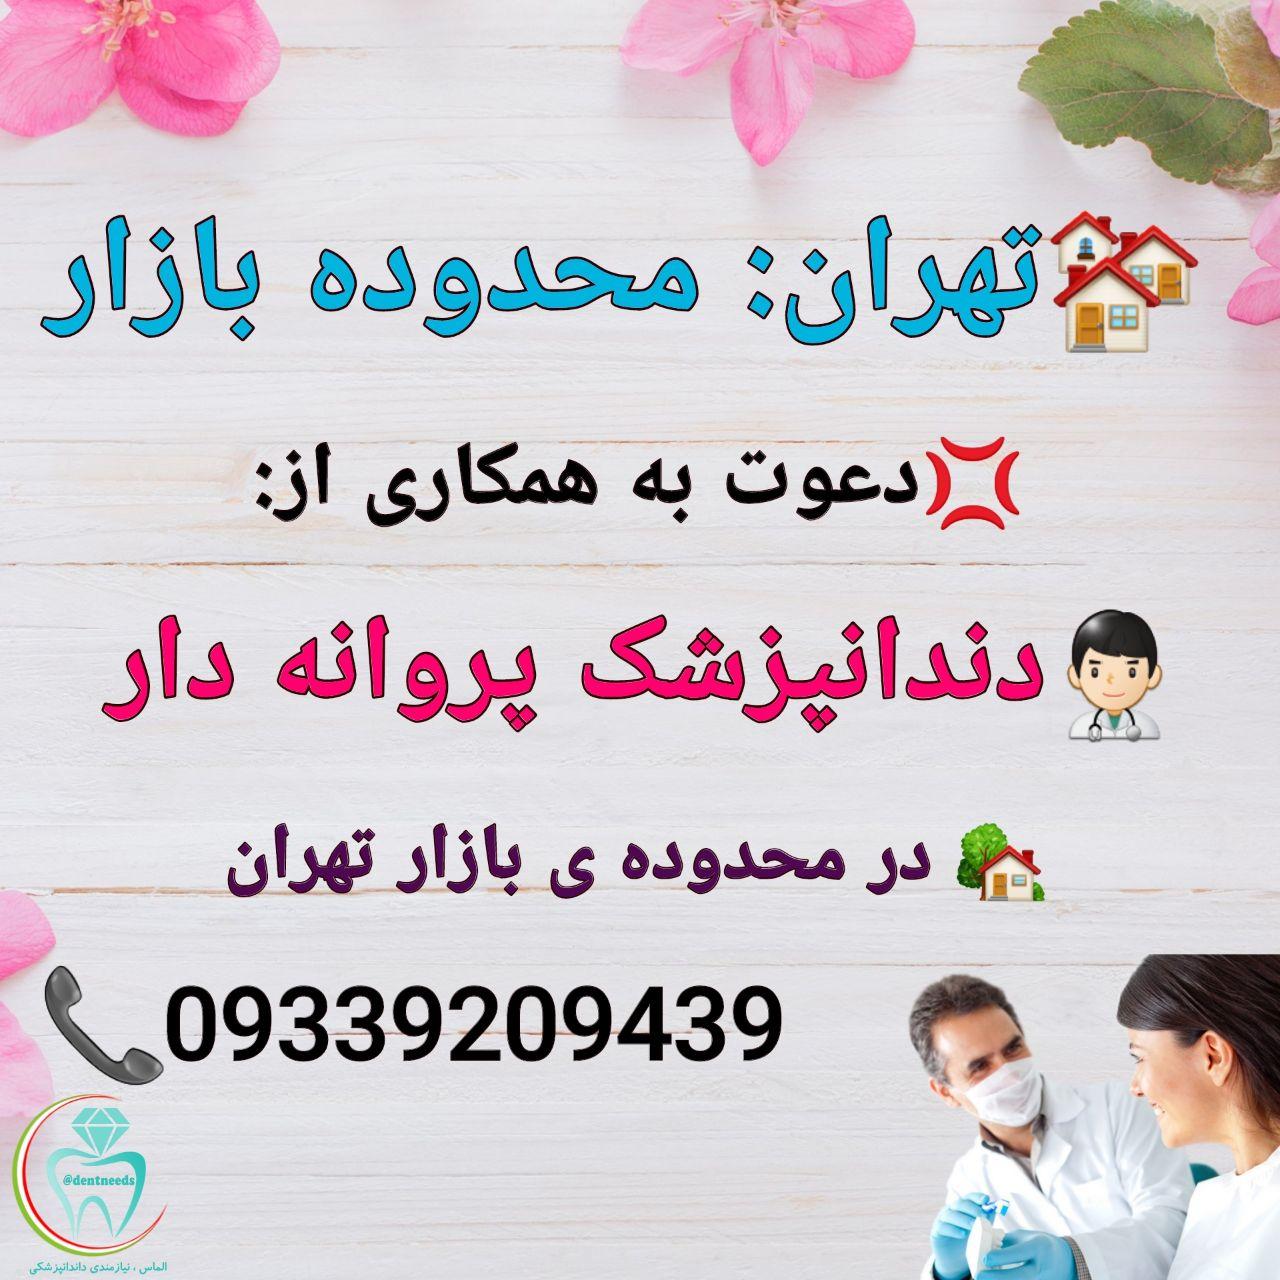 تهران: محدوده بازار، نیاز به دندانپزشک پروانه دار